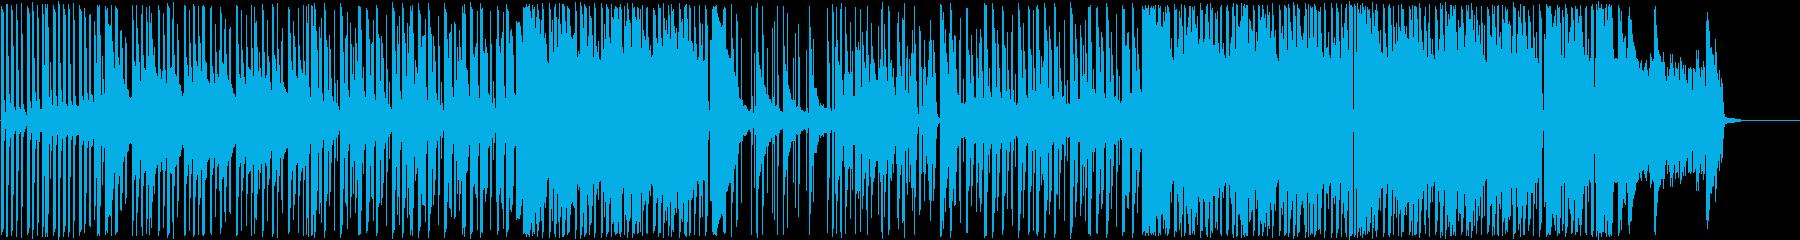 近未来、都会、Future Bassの再生済みの波形